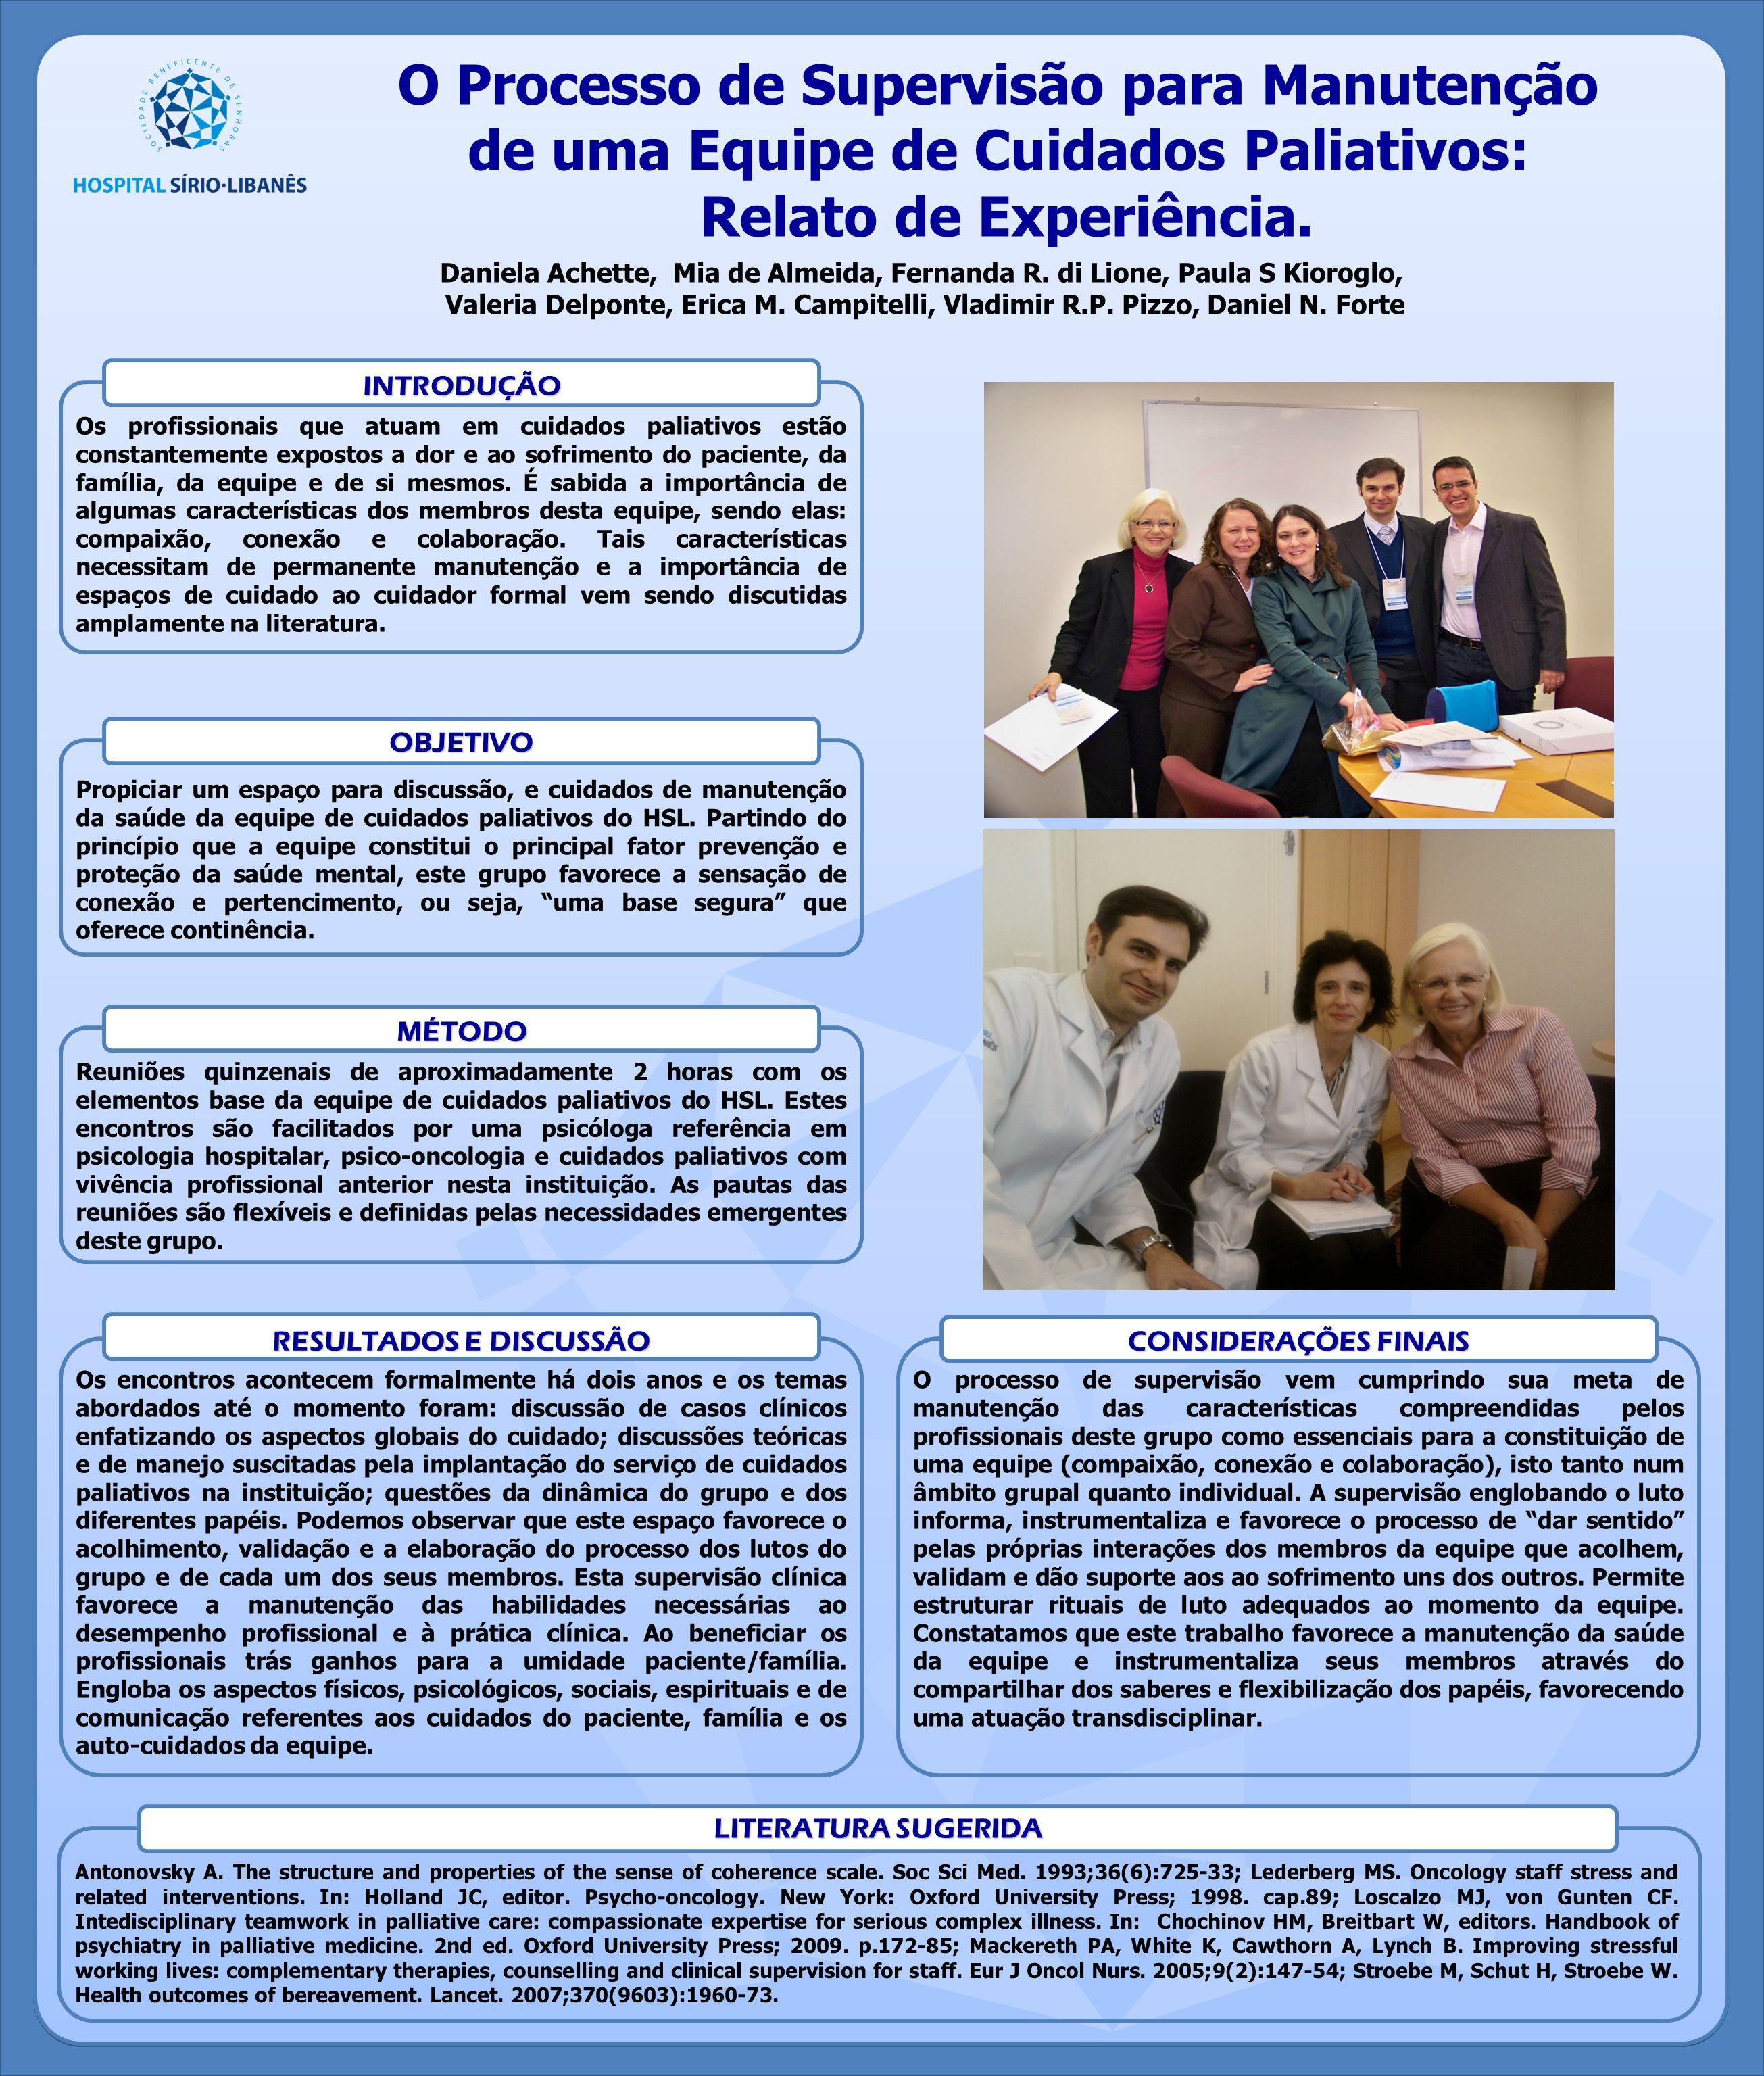 Daniela Achette, Mia de Almeida, Fernanda R.di Lione, Paula S Kioroglo, Valeria Delponte, Erica M.